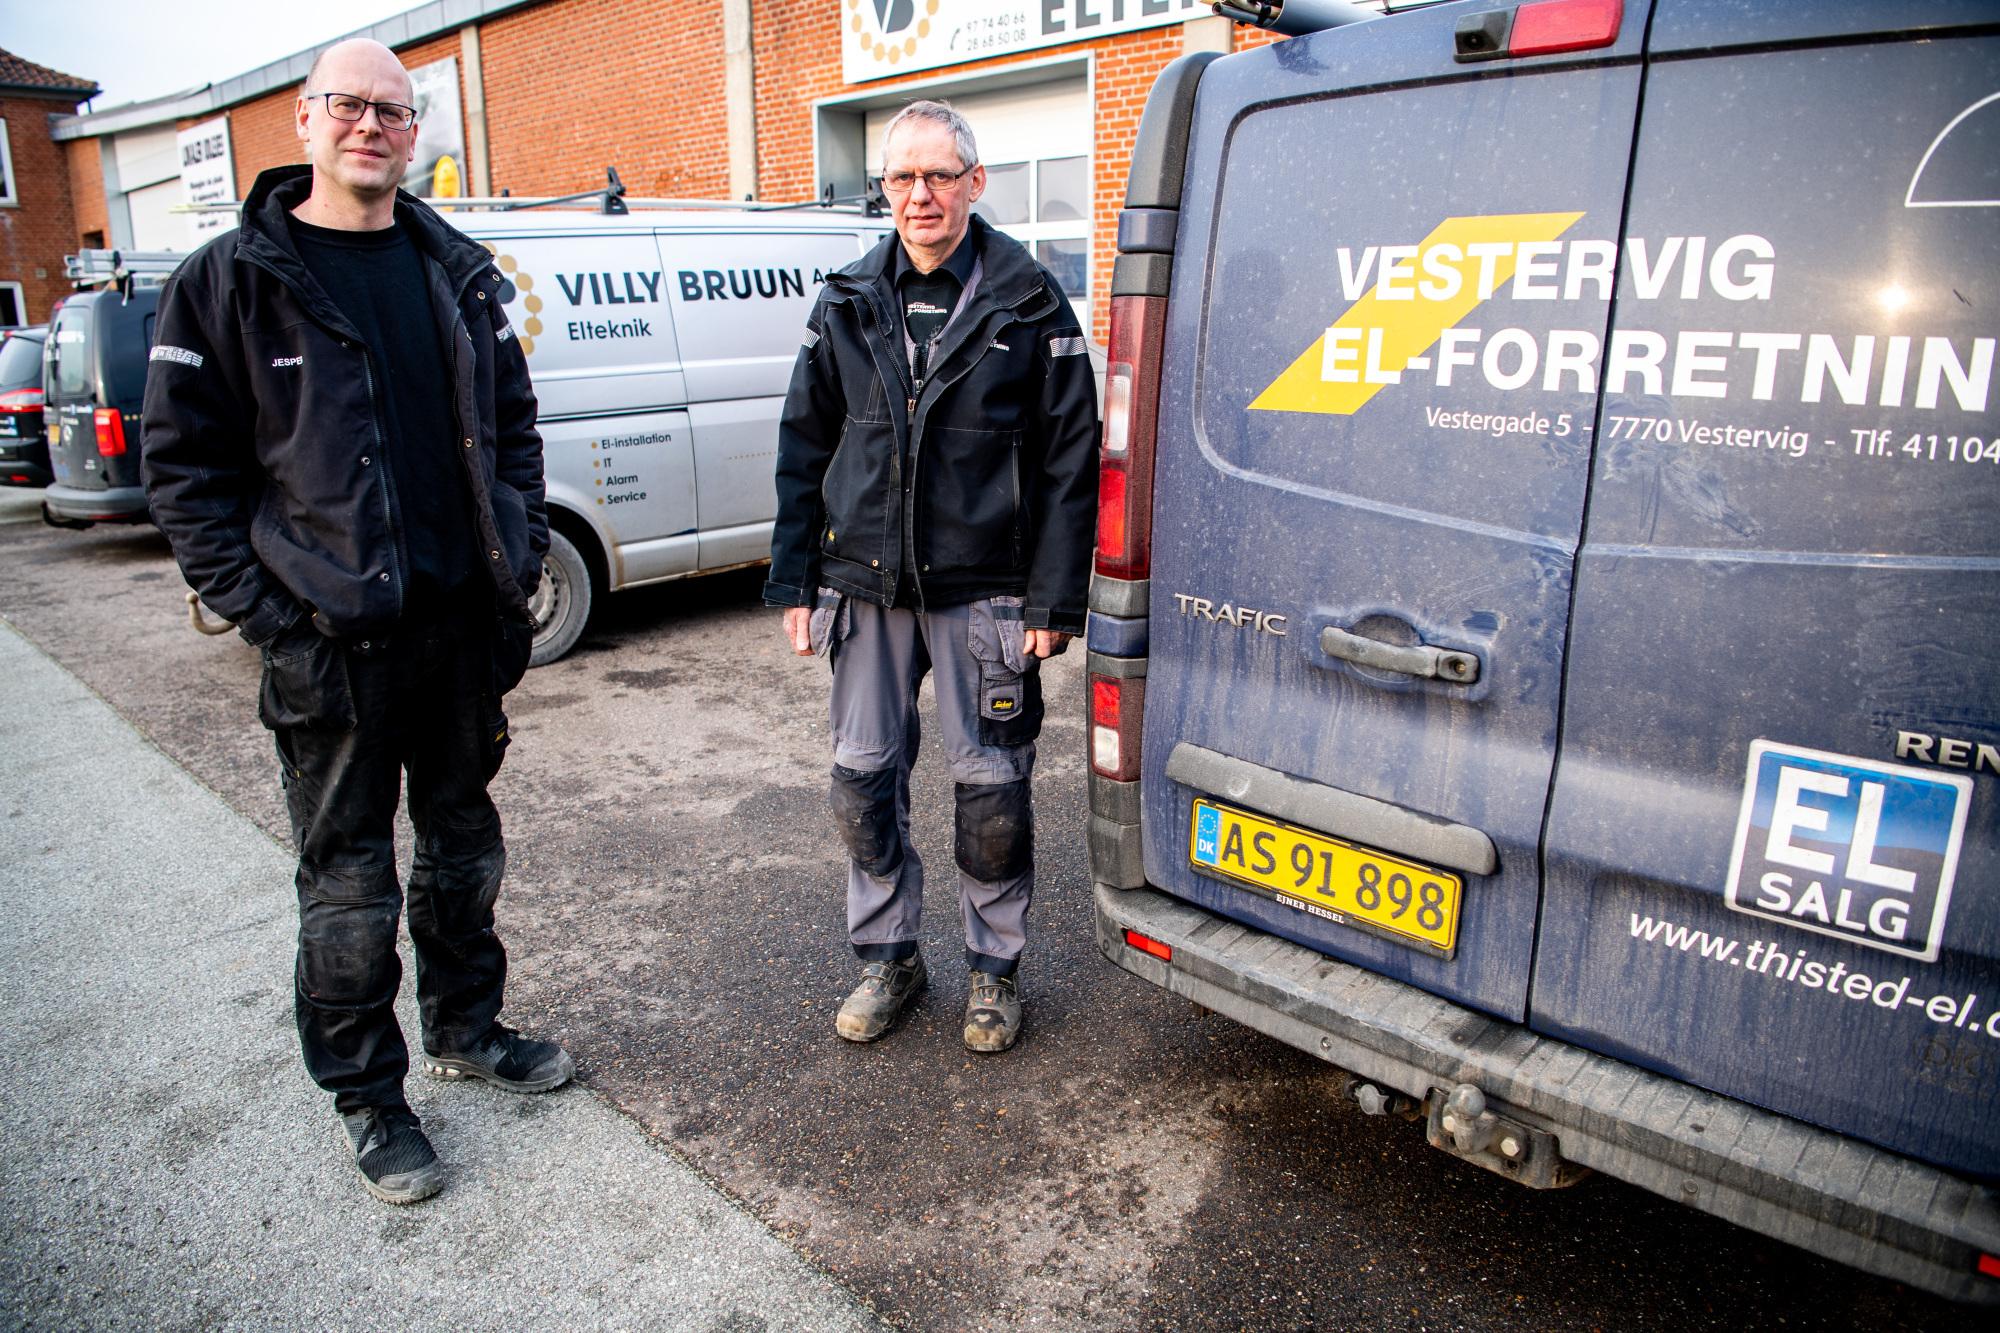 Villy Bruun i Hurup og Vestervig El-forretning hedder nu Hurup-Vestervig El-forretning - en del af Jysk Elteknik. Daglig leder bliver Jesper Hargaard, der her ses sammen med Mogens Enevoldsen. Foto: Diana Holm